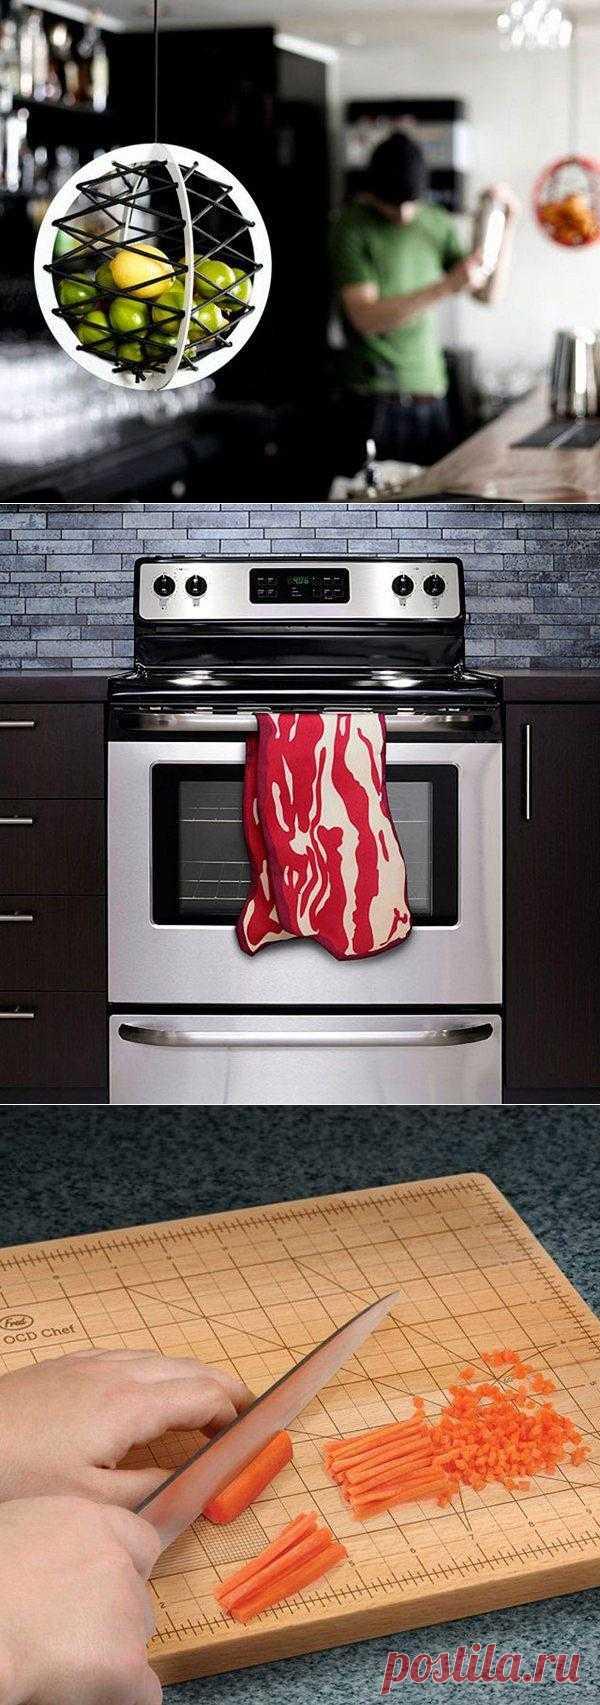 Хочу: необычные дизайнерские гаджеты для кухни